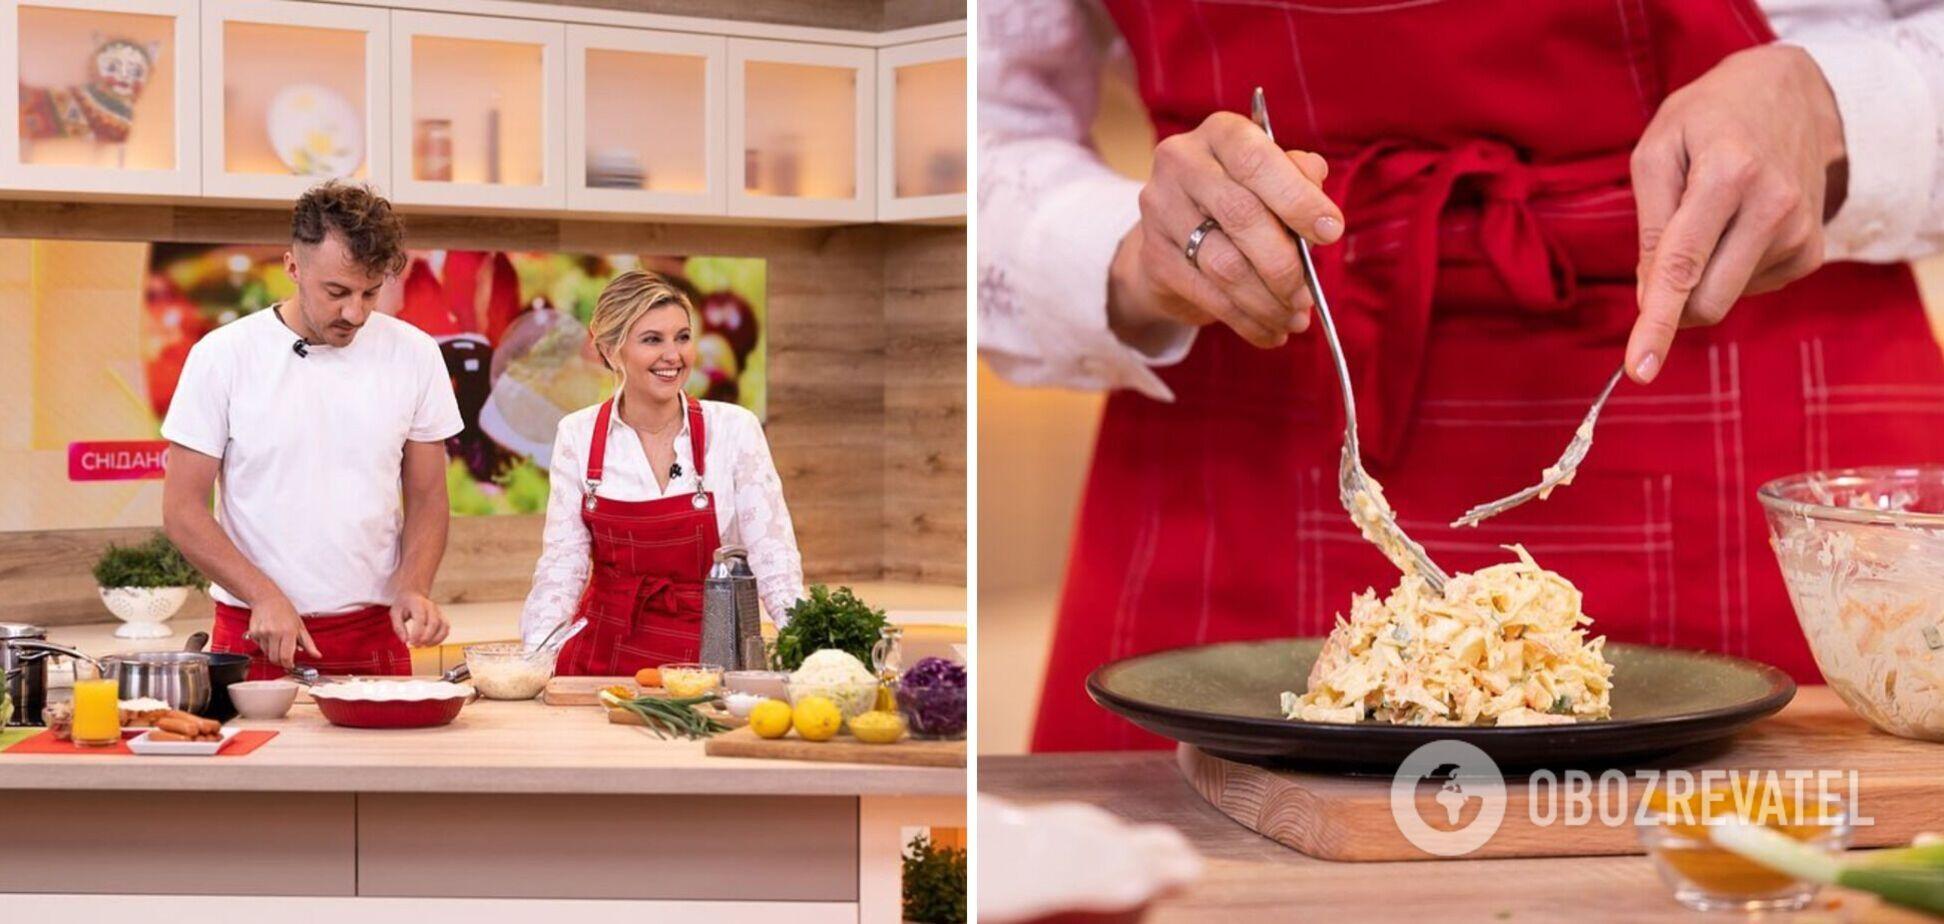 Зеленская в прямом эфире приготовила блюда из нового школьного меню. Фото и видео